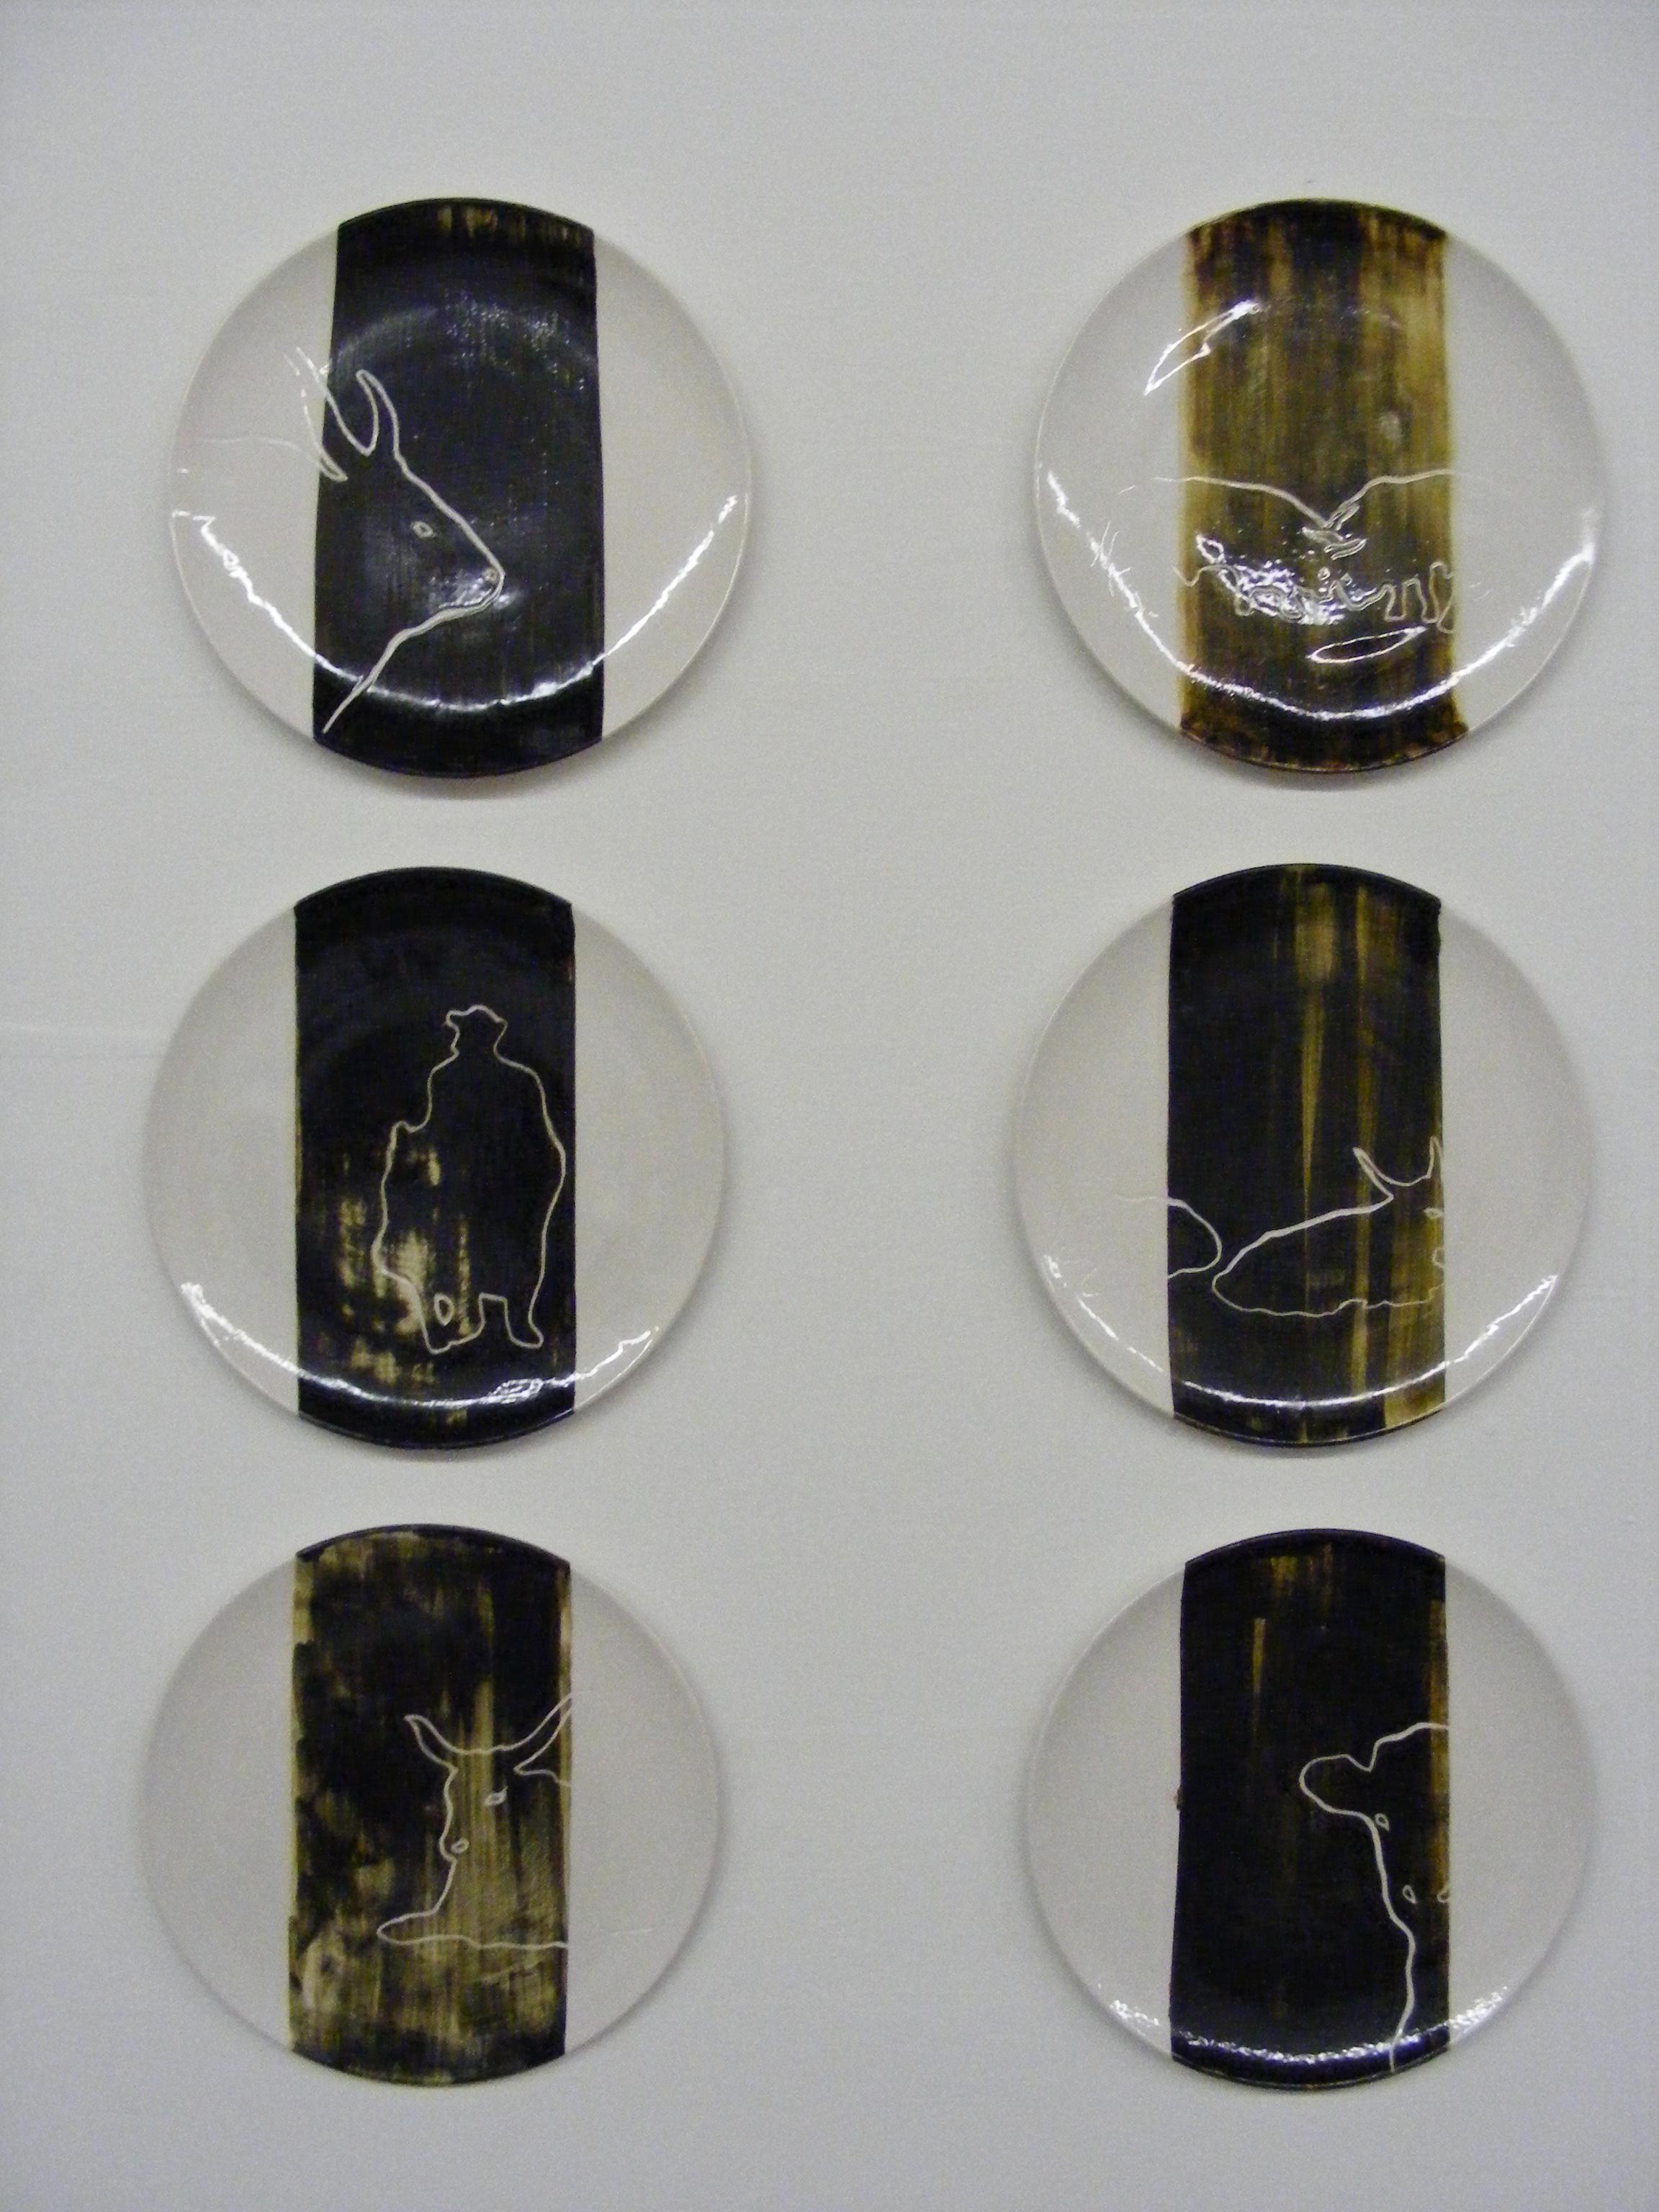 hortobágyi motívumokkal díszített kerámiák